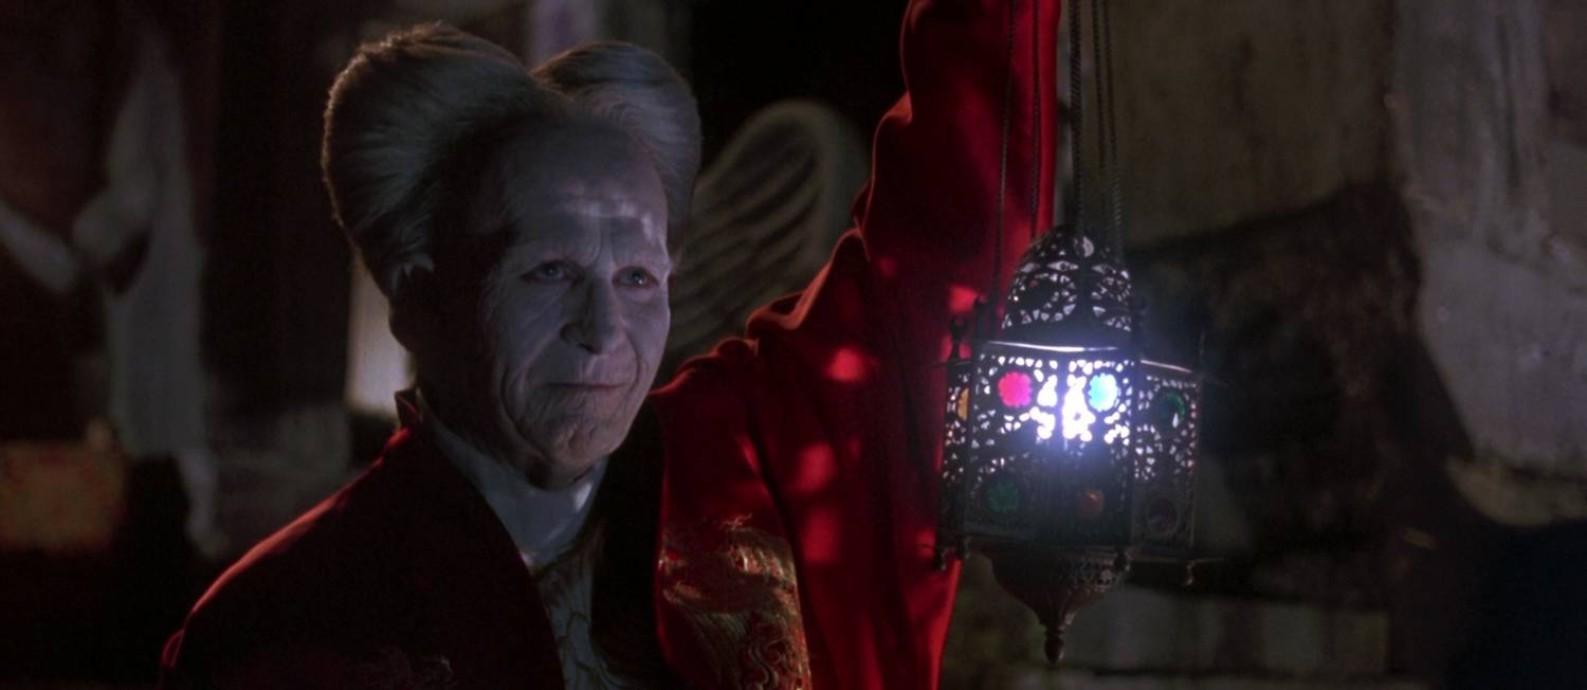 Cena do filme 'Drácula de Bram Stoker'. Foto: Divulgação